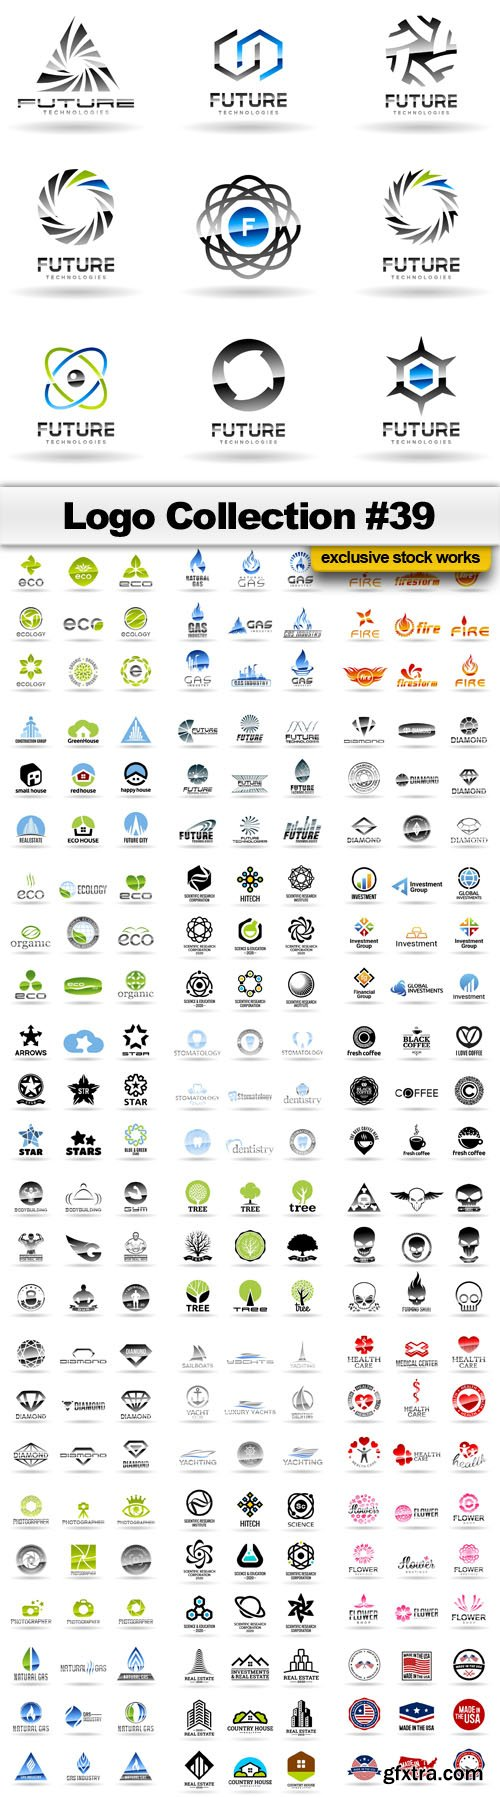 Logo Collection #39 - 25 EPS, AI